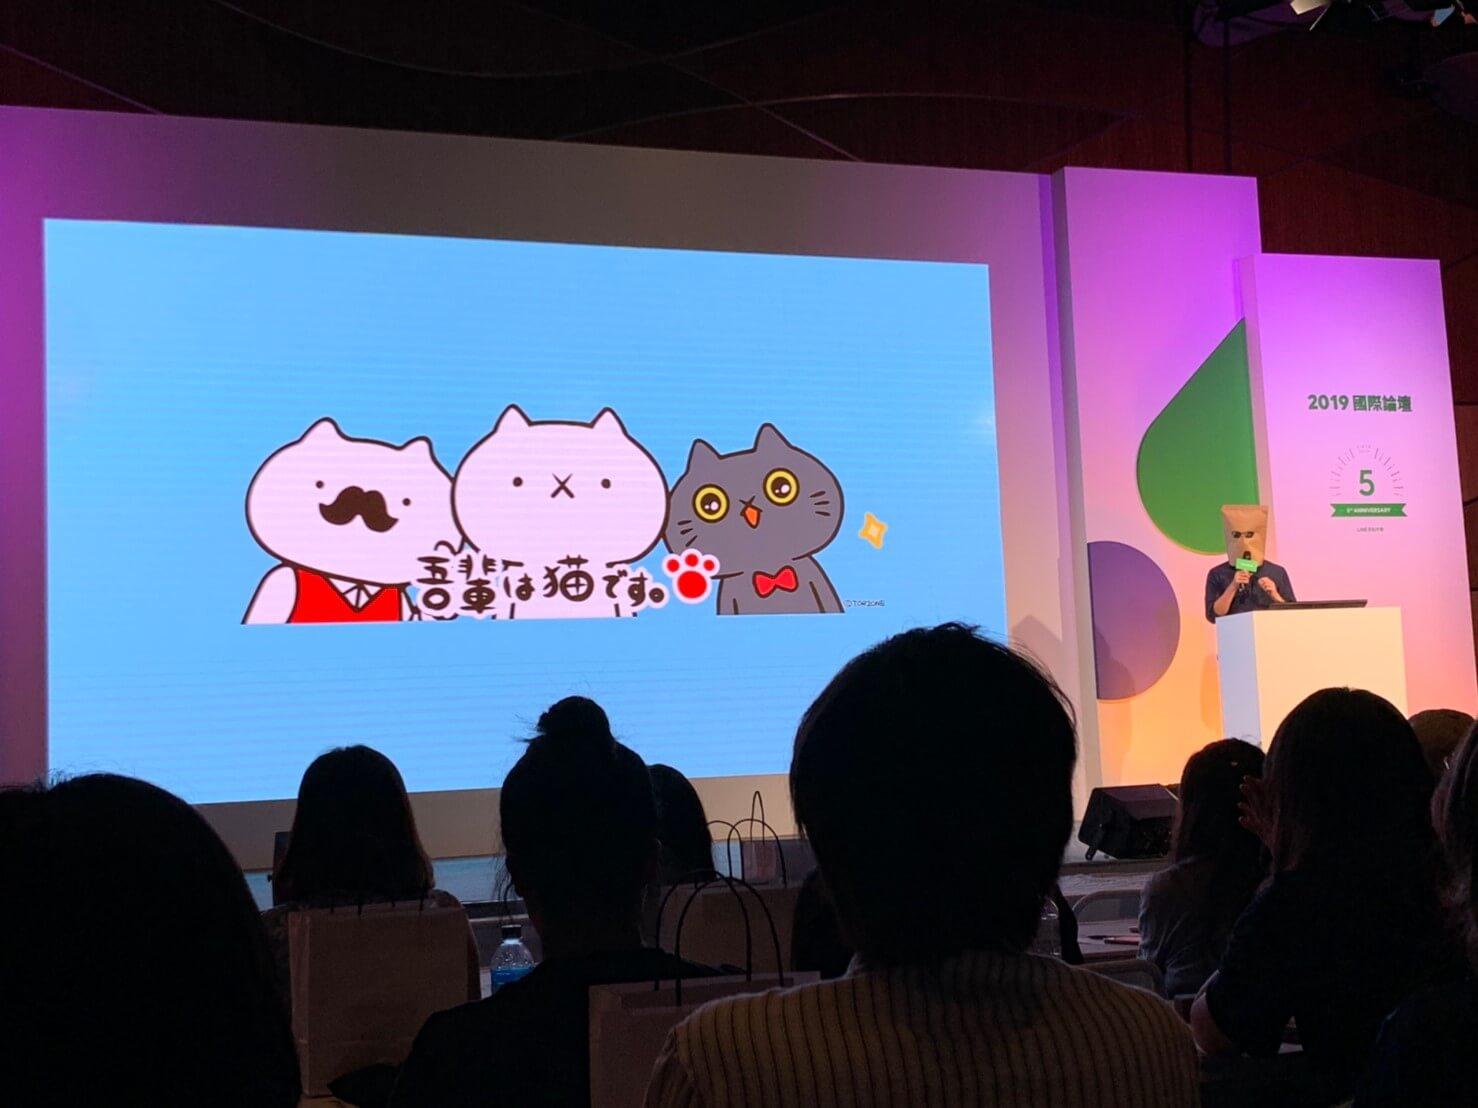 反應過激的貓創作者-Chikuwa 分享創作歷程